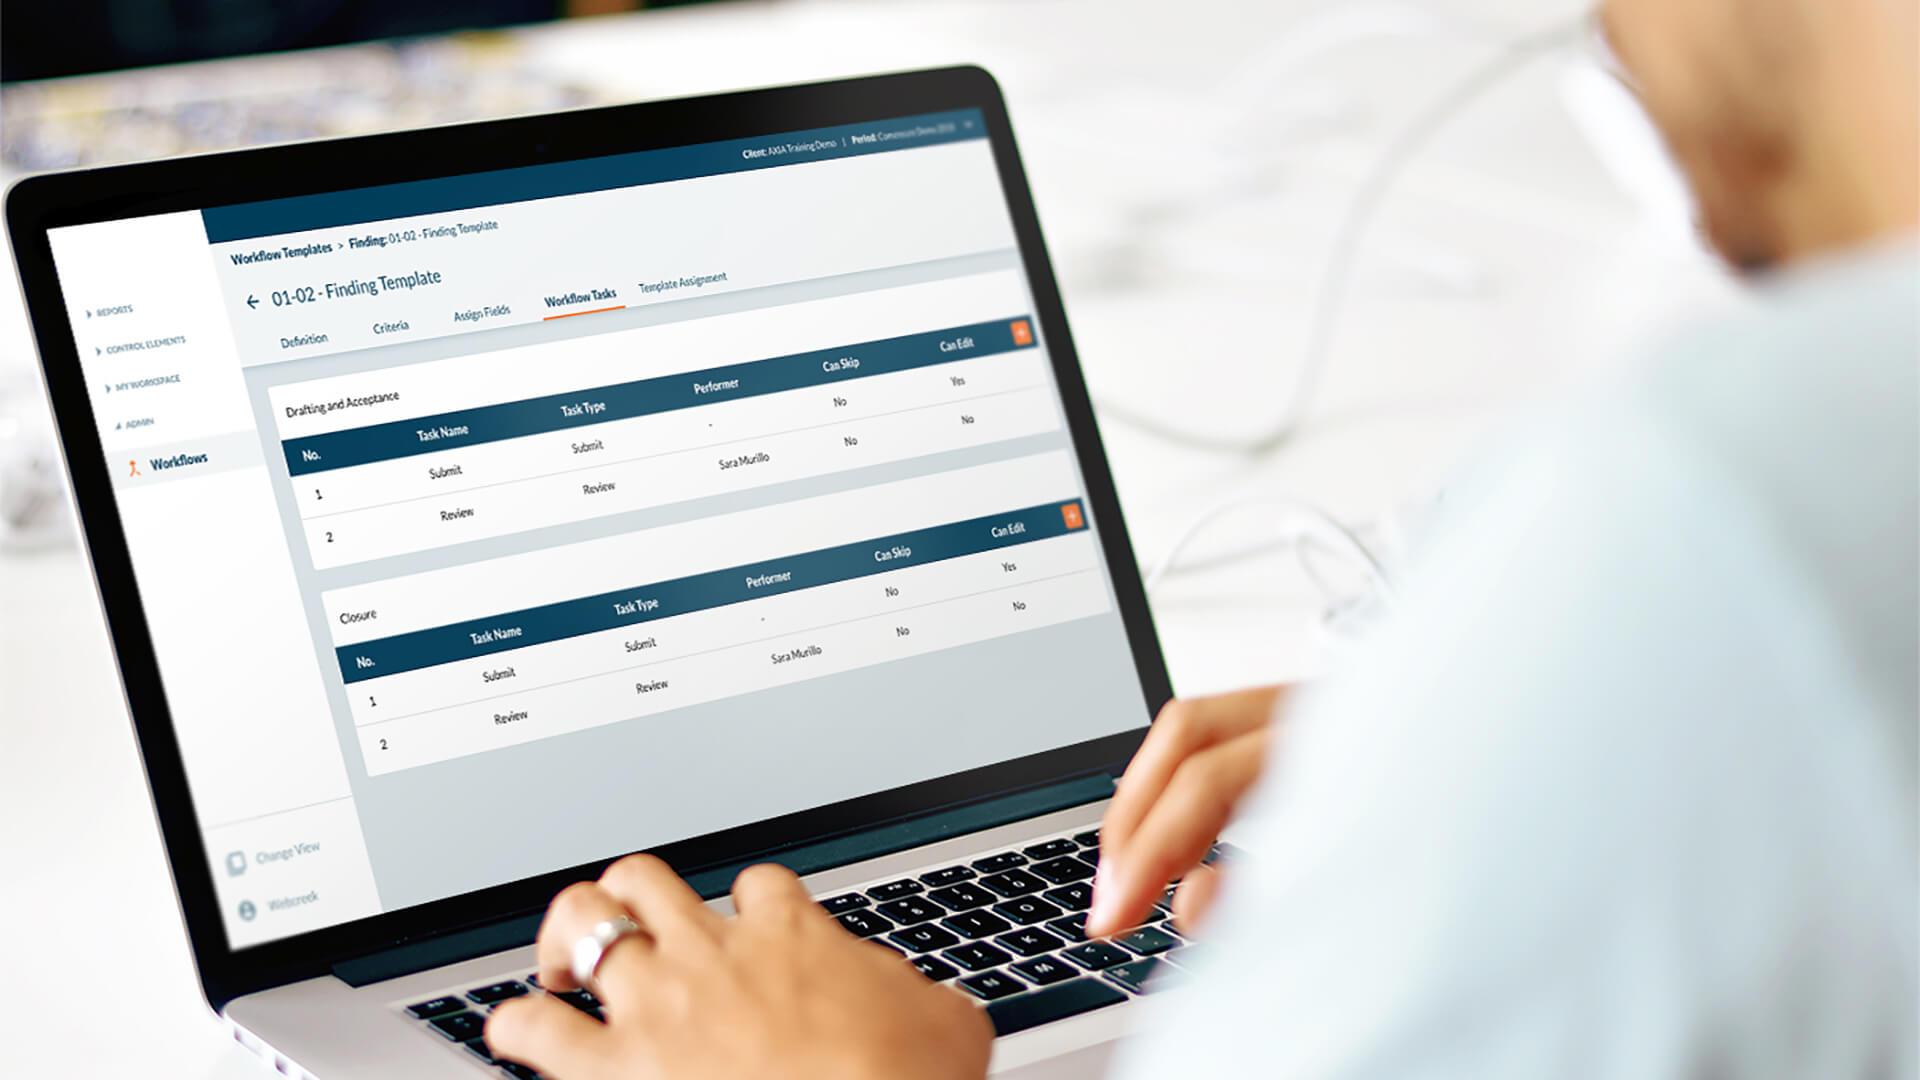 Enterprise Risk Management web app